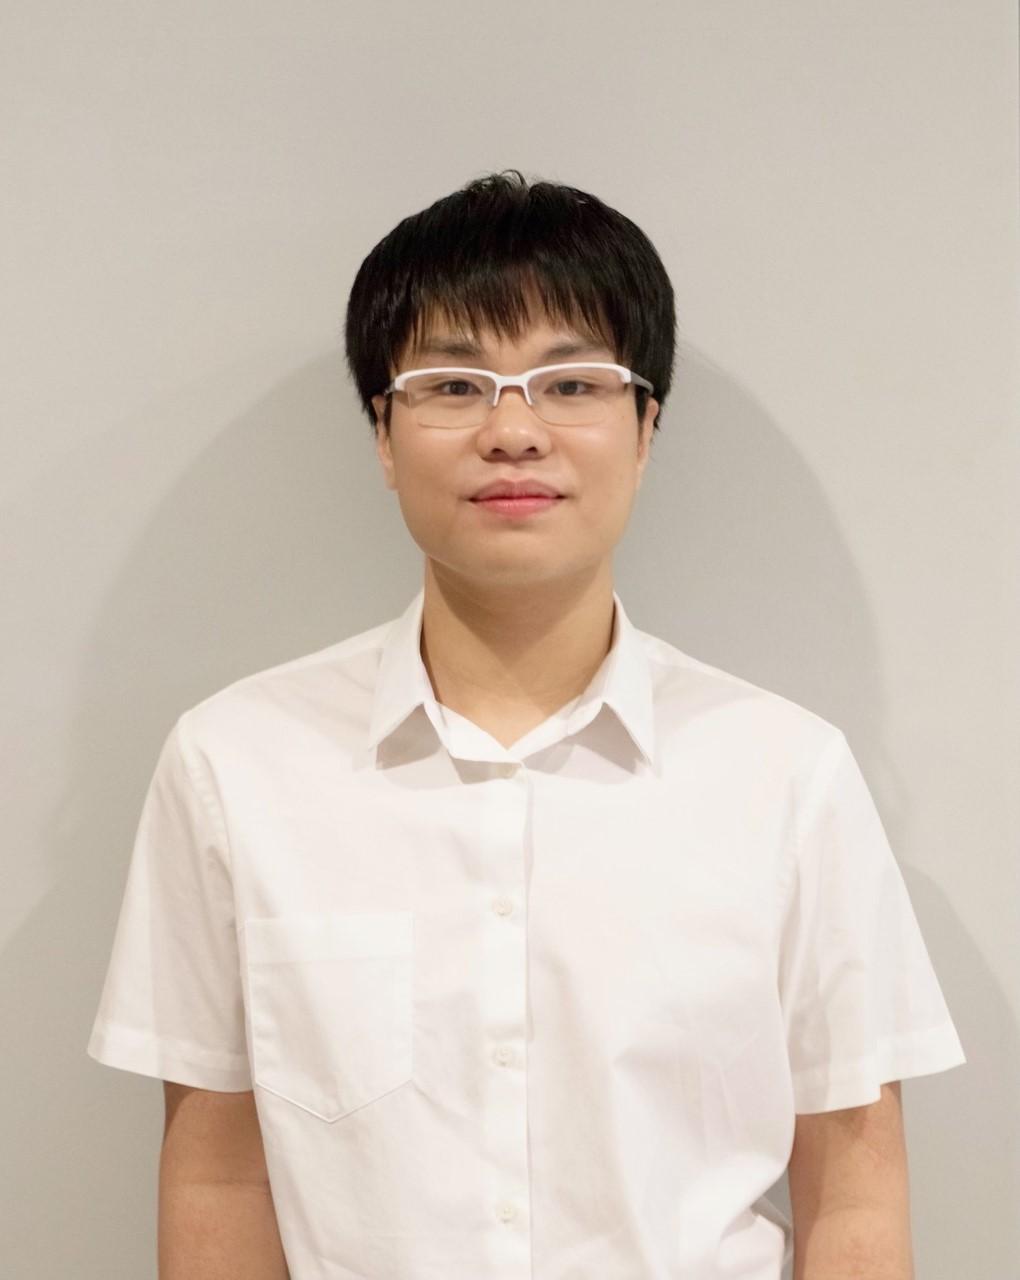 Nguyễn Xuân Bách, sinh viên Đại học Nagoya, Nhật Bản. Ảnh: Nhân vật cung cấp